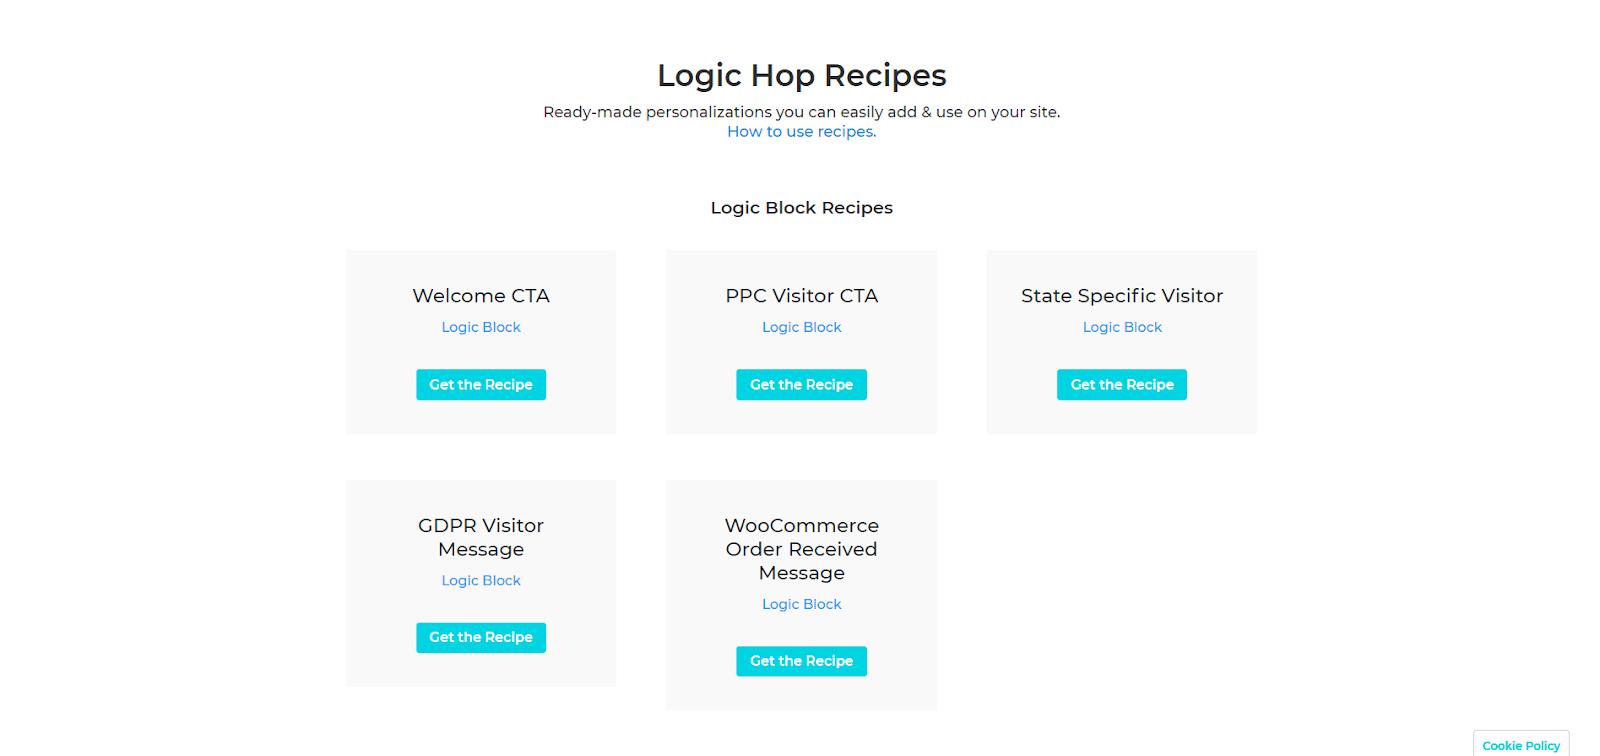 Logic Hop REcipes